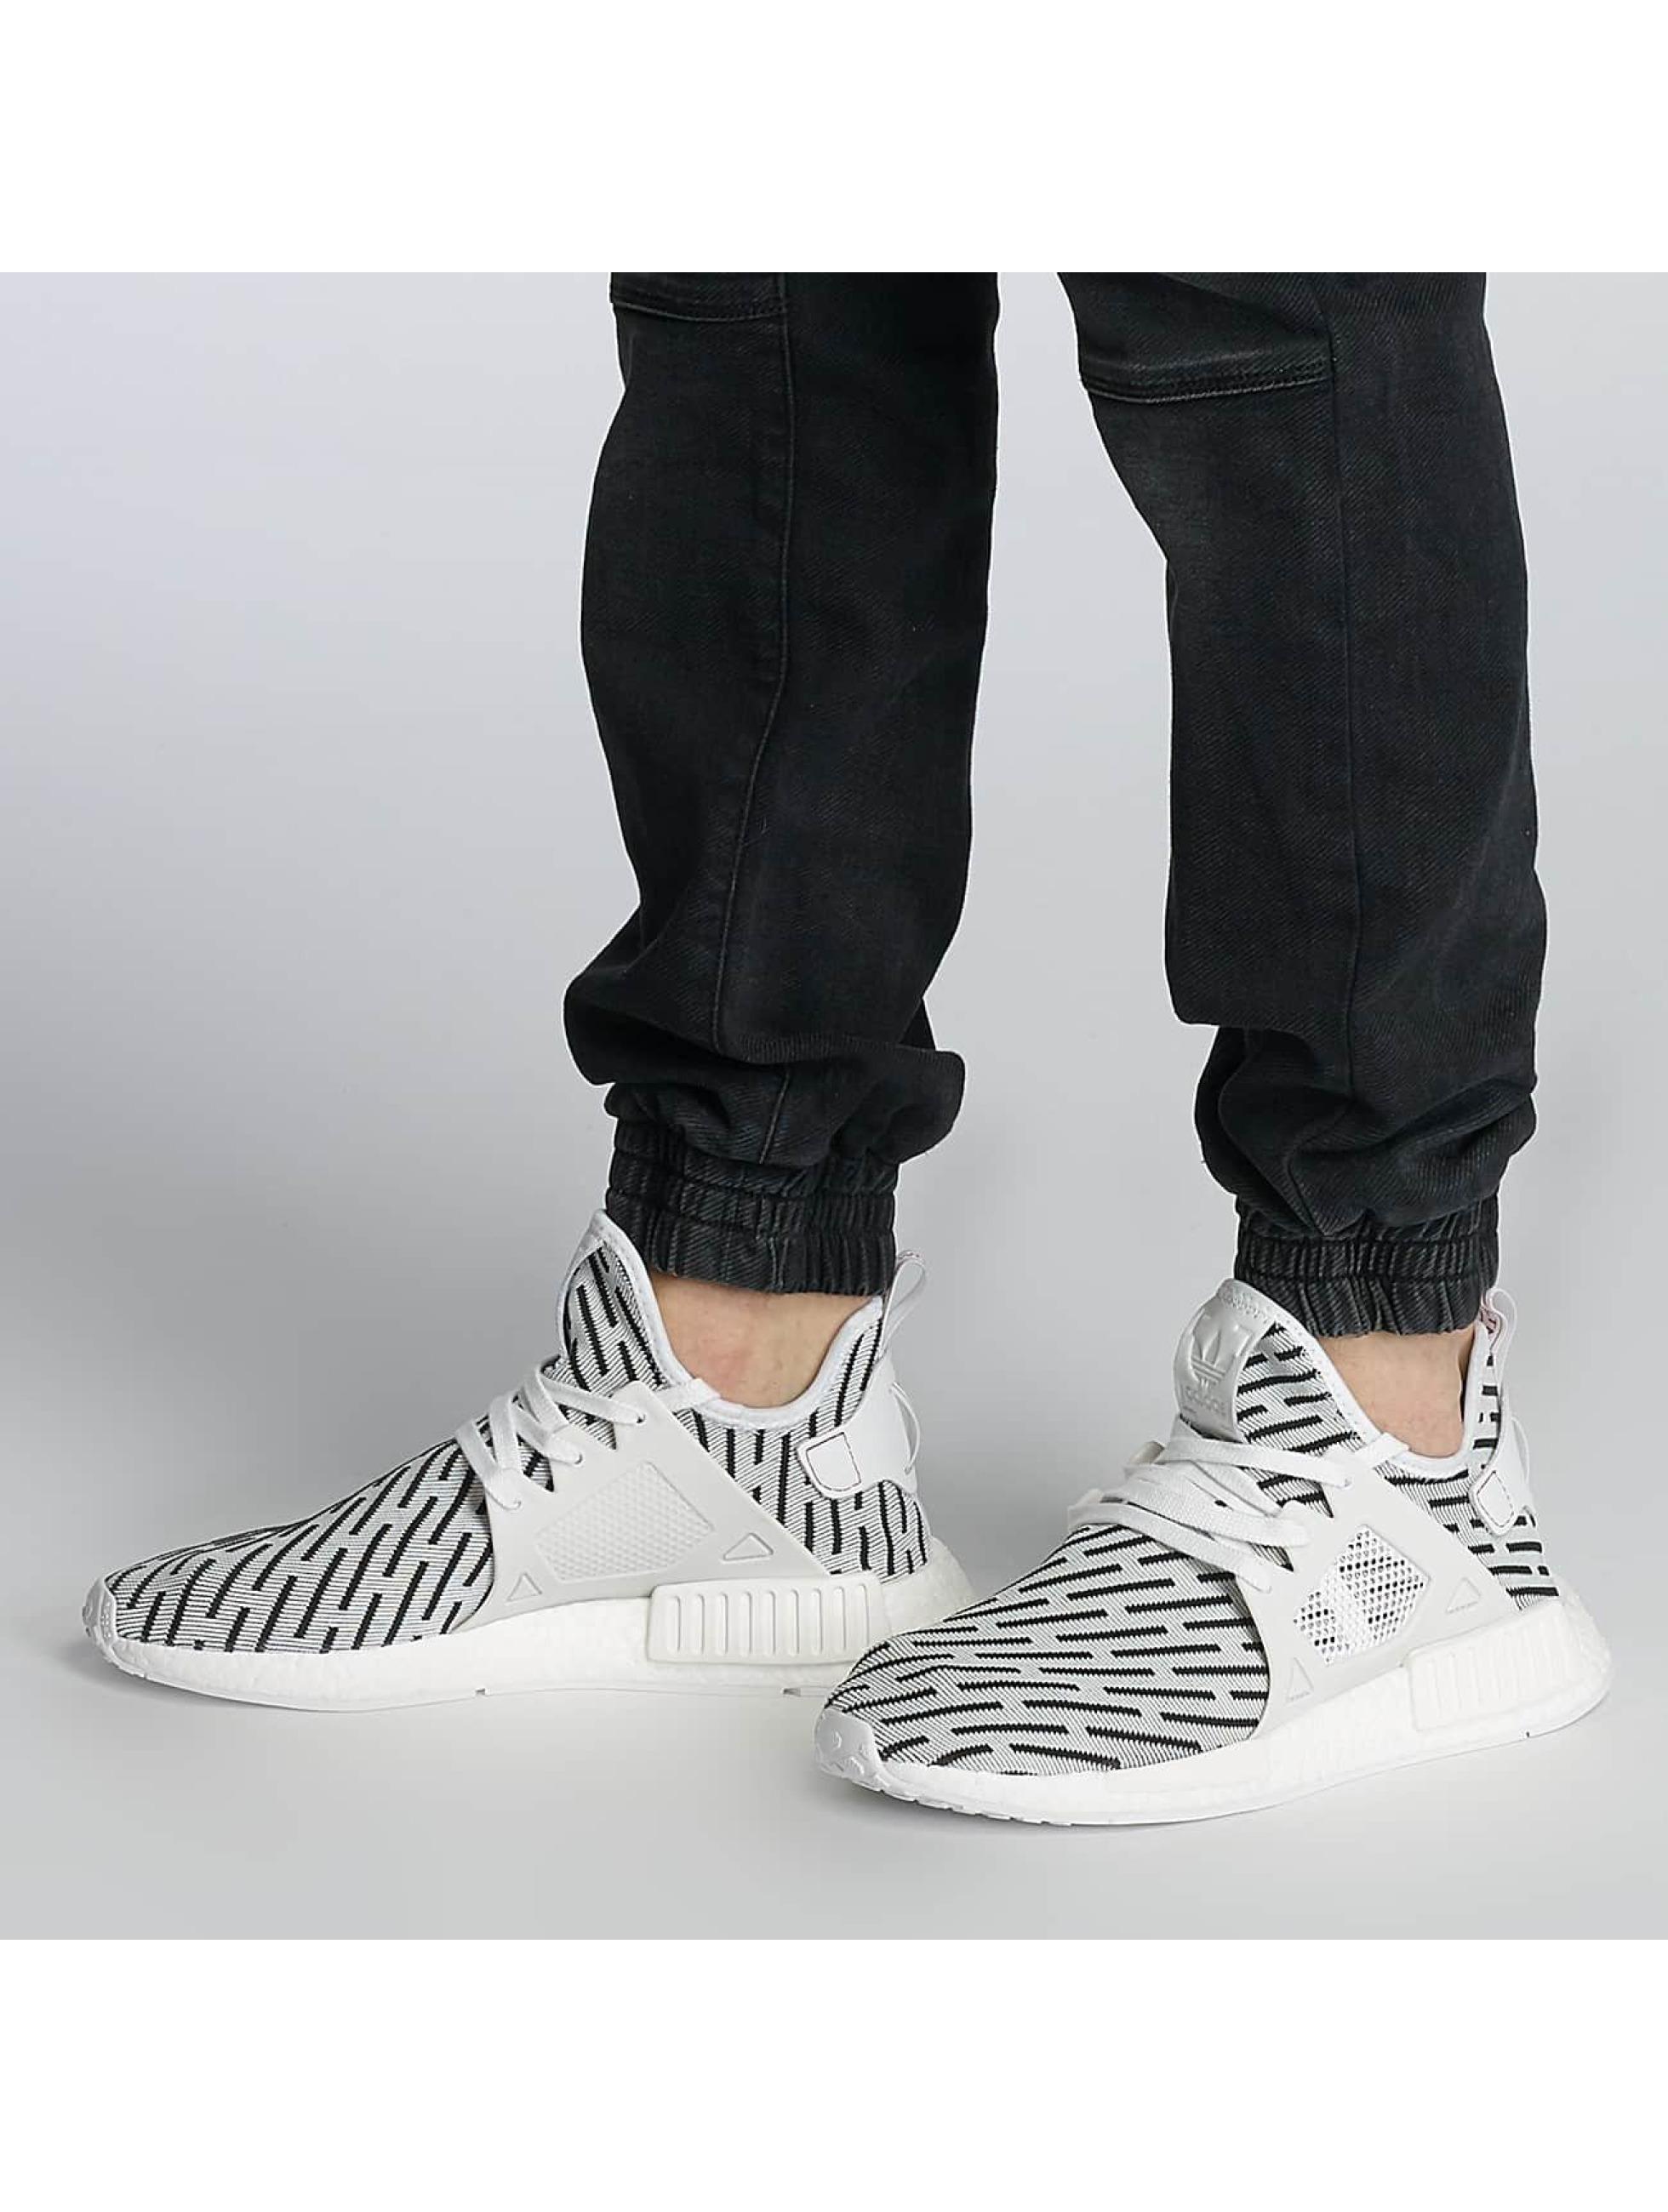 Sneaker NMD XR1 PK in weiß